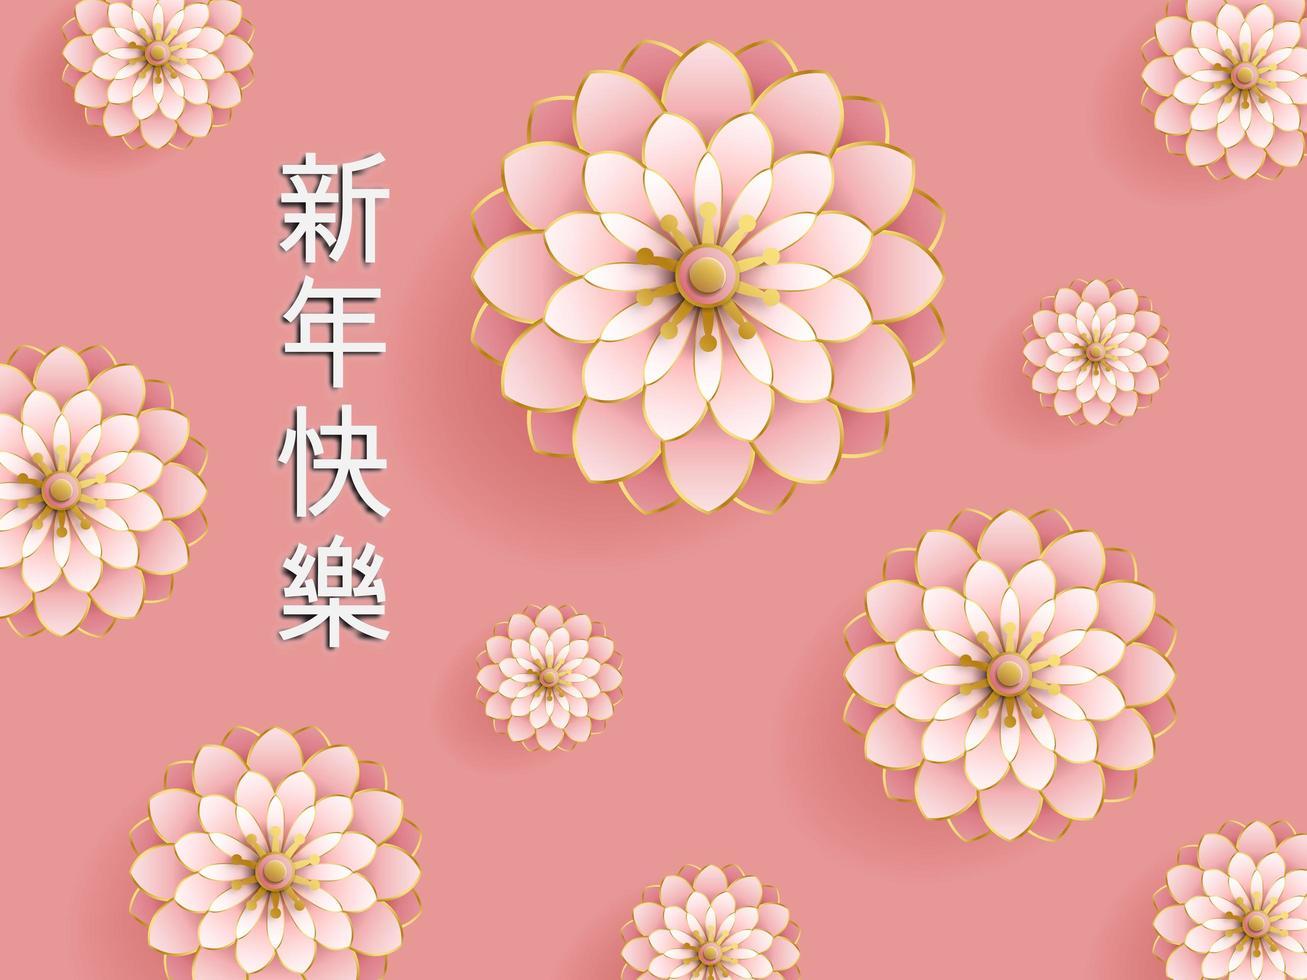 illustrazione di fiori rosa con calligrafia cinese vettore